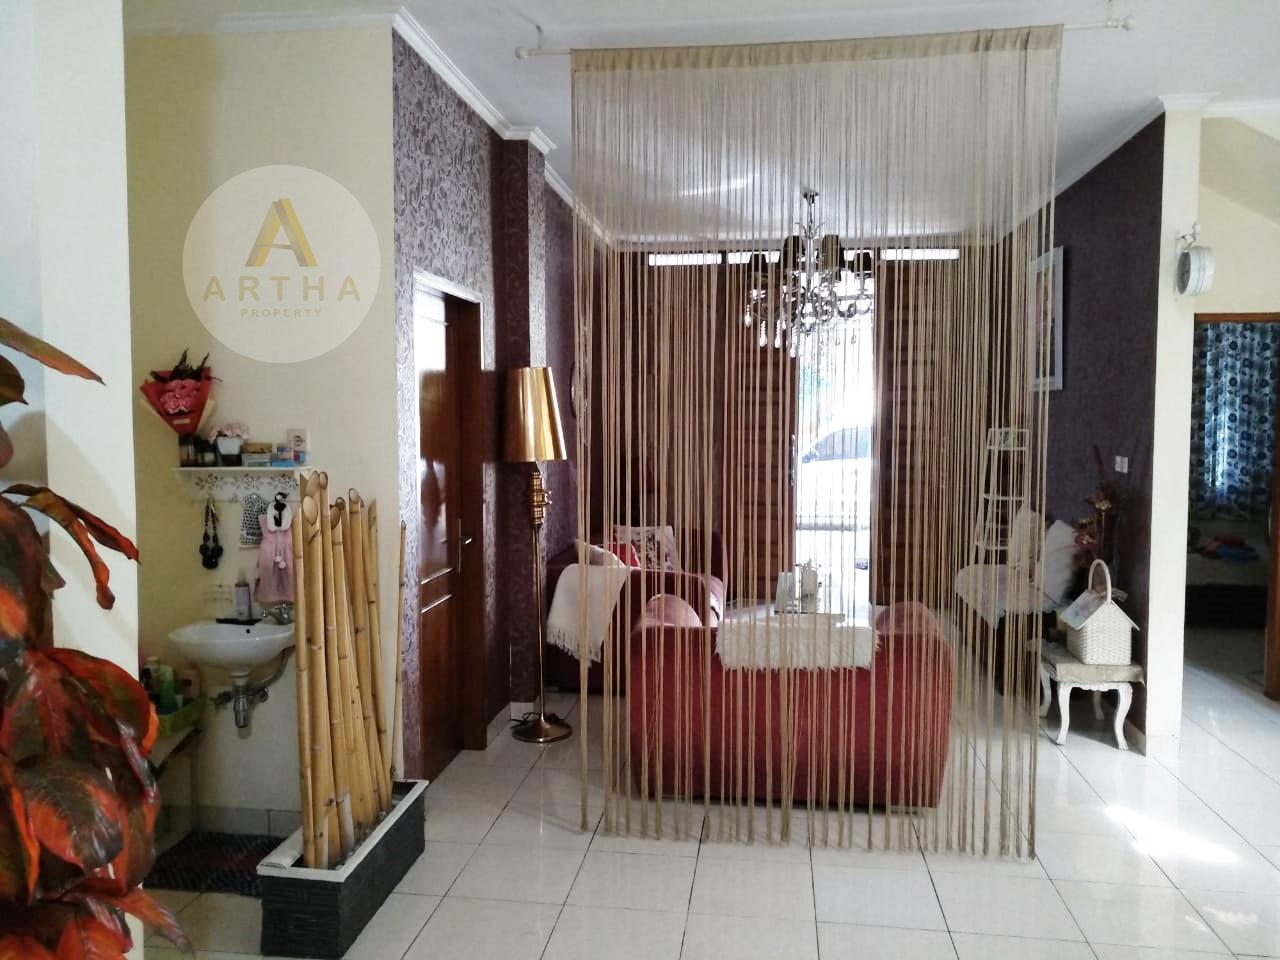 Jual Rumah 2 Lantai Kalijati Antapani Bandung - Artha Property